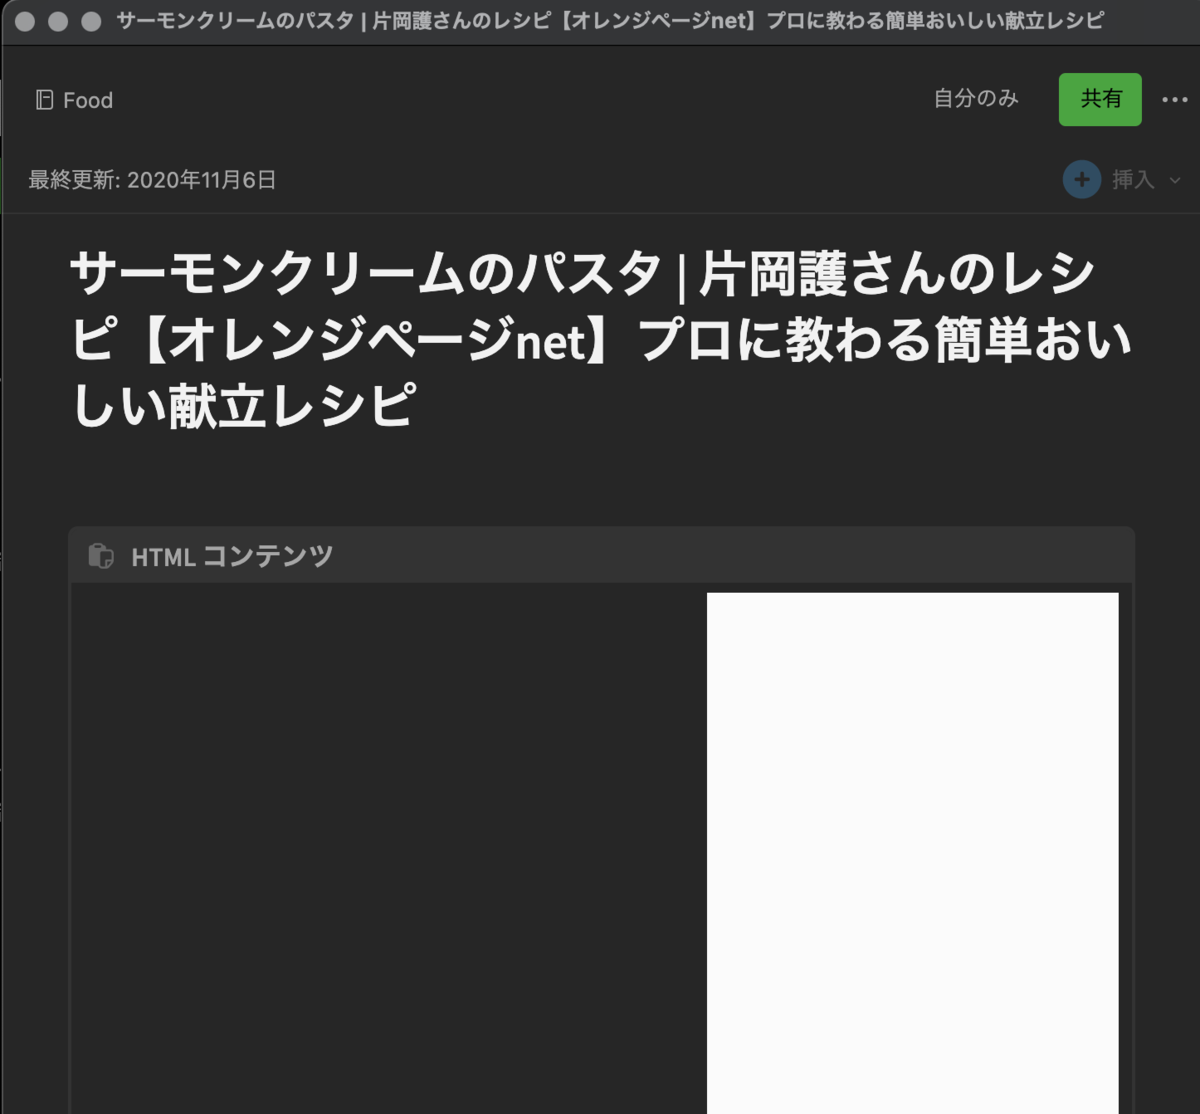 f:id:tkan1111:20201107222423p:plain